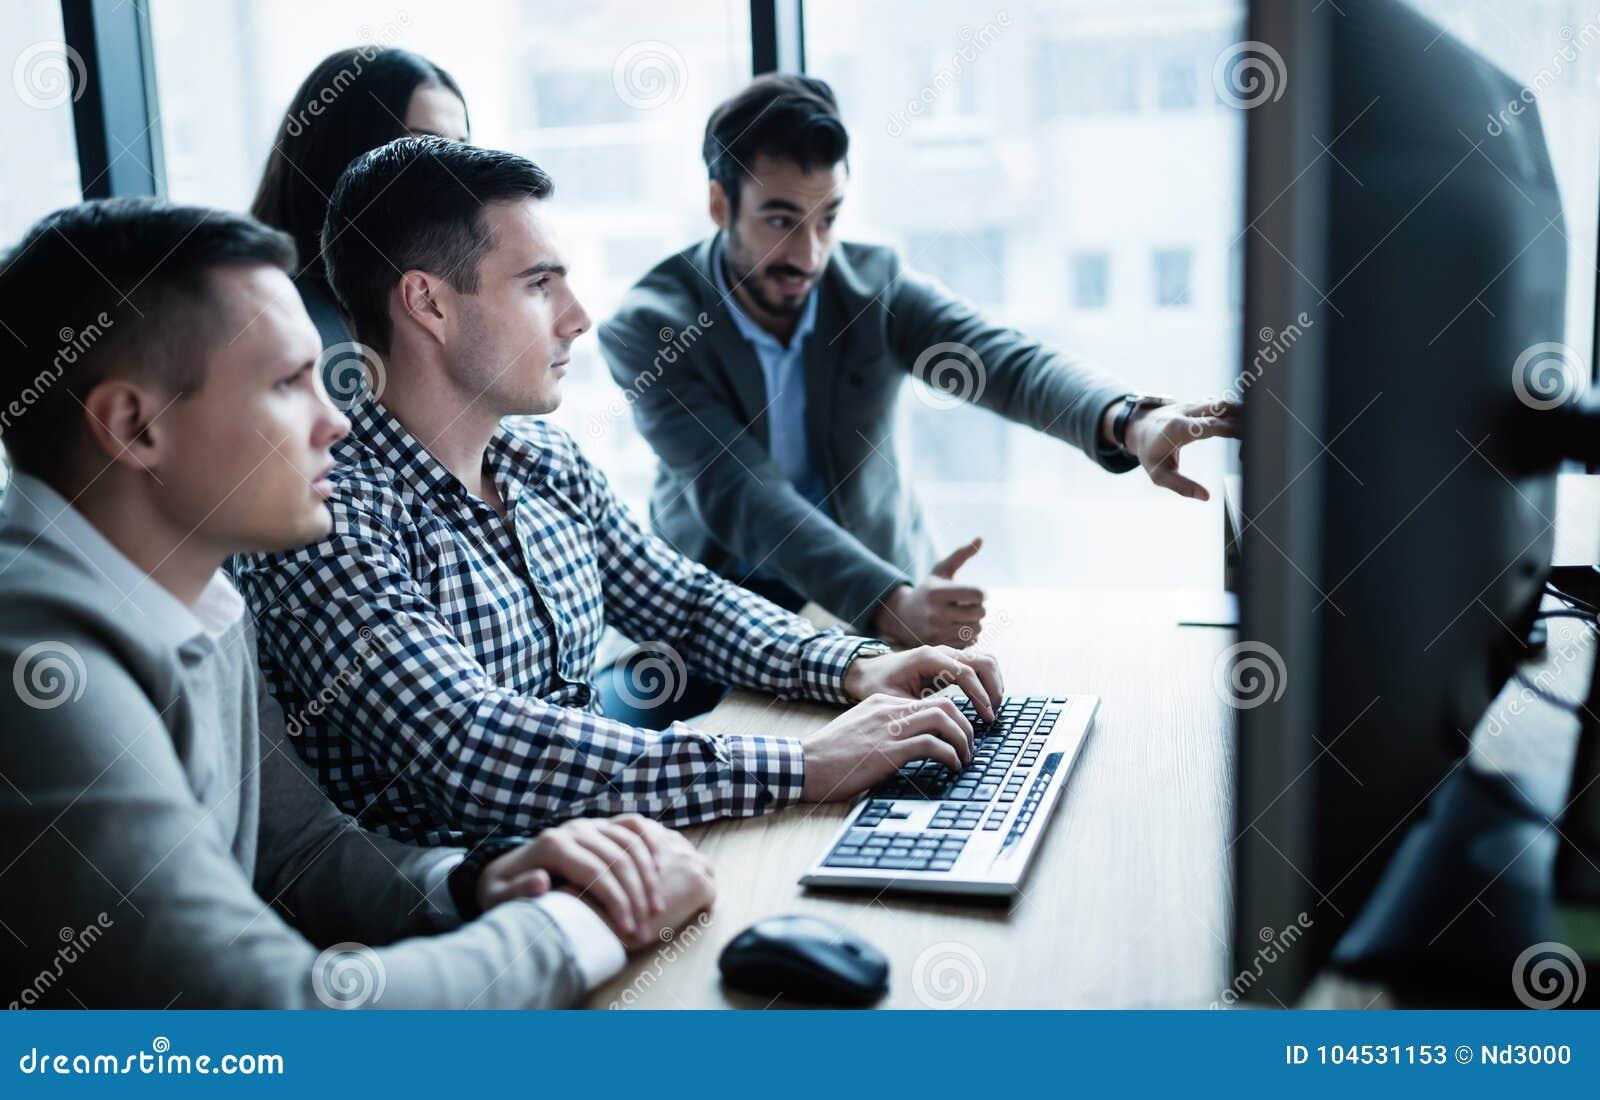 Software Engineers que trabalham no escritório no projeto junto